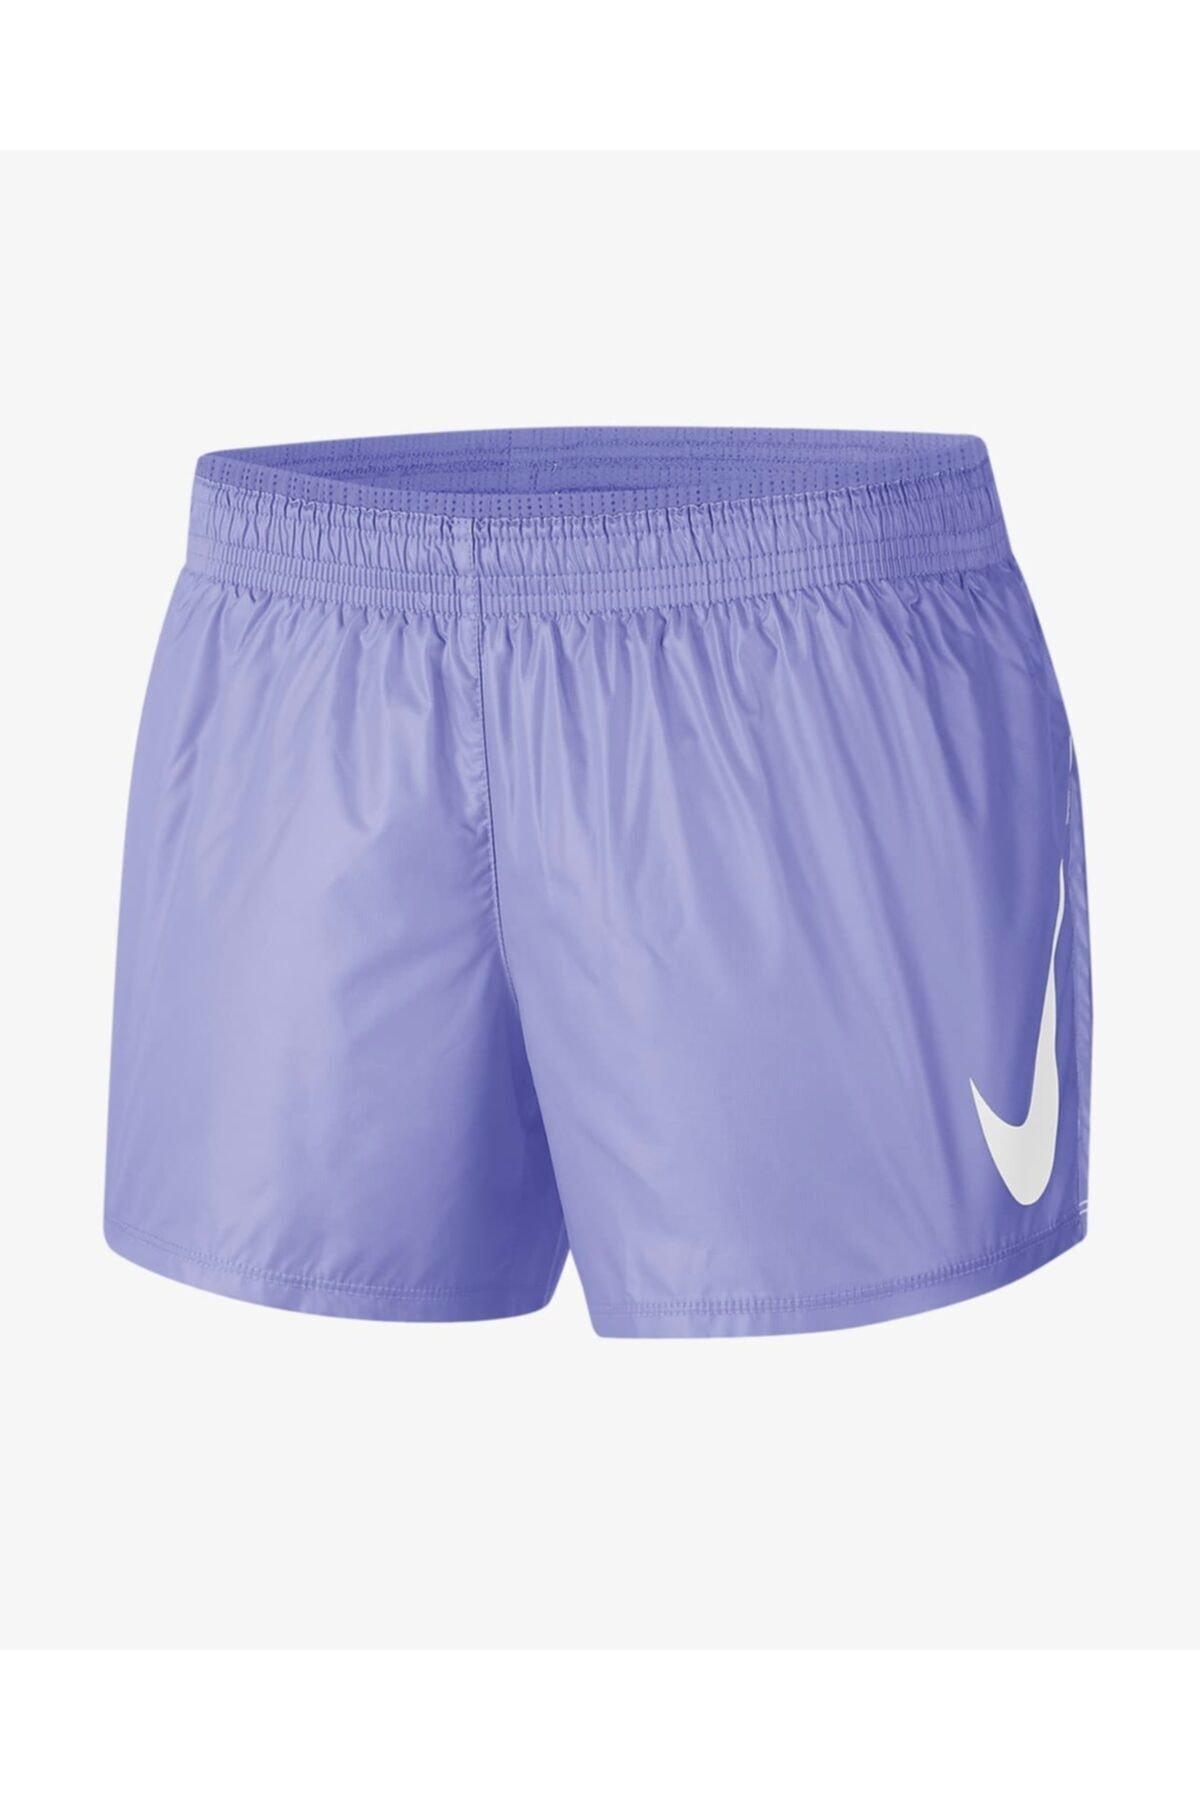 Women's Running Shorts Ck0179-569